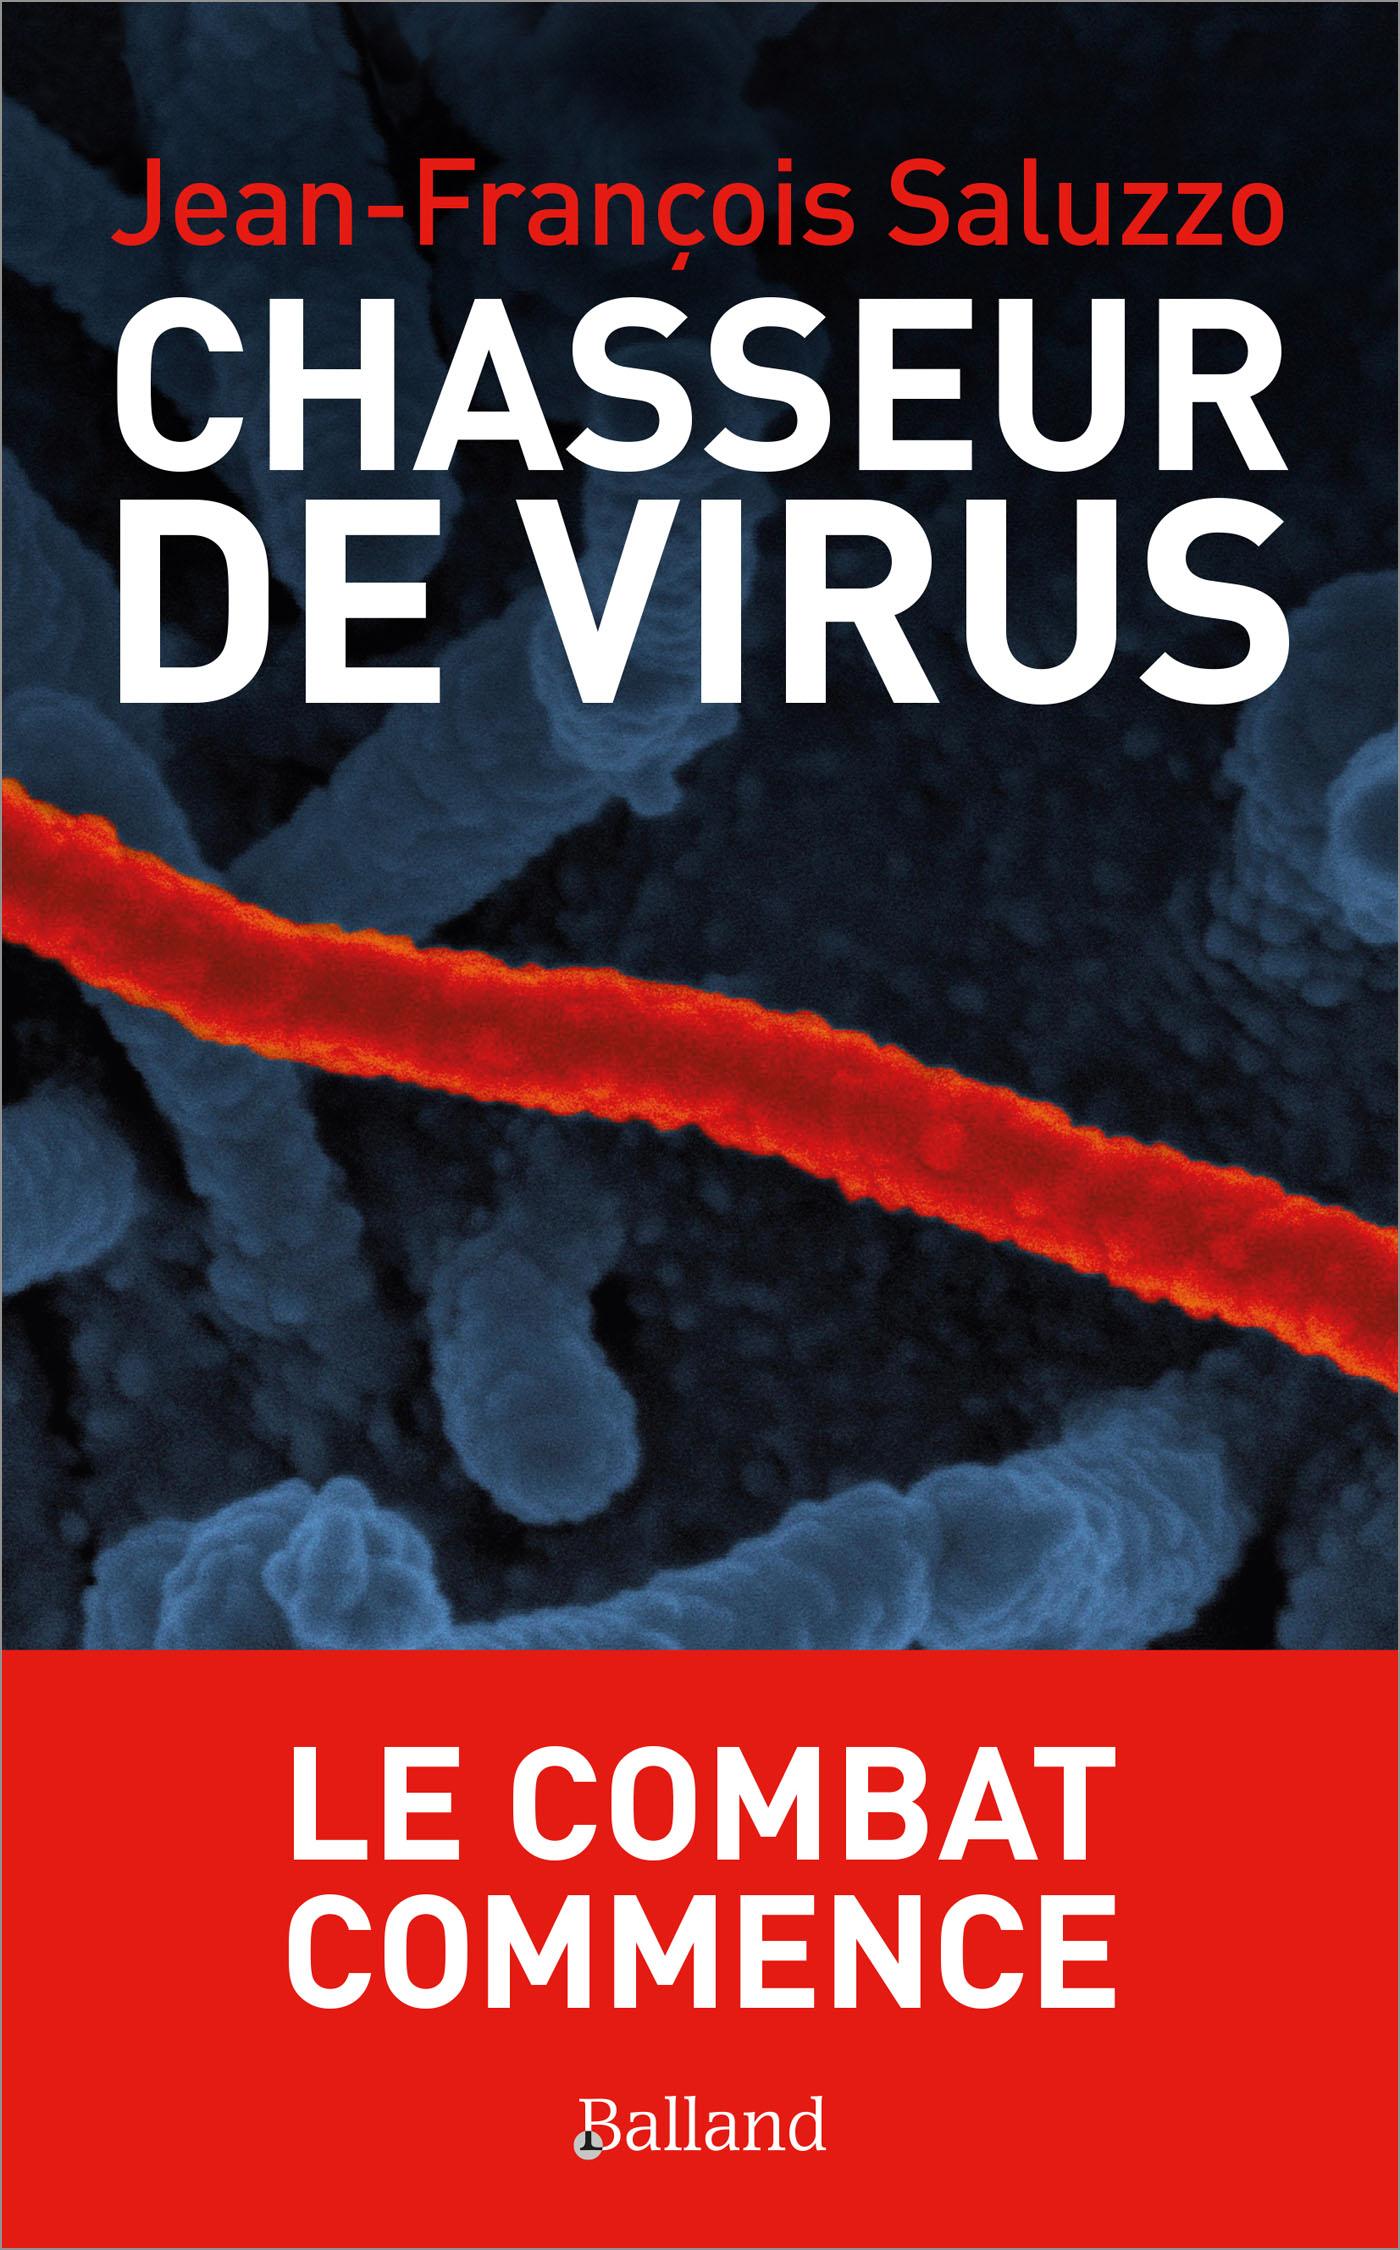 Chasseur de virus